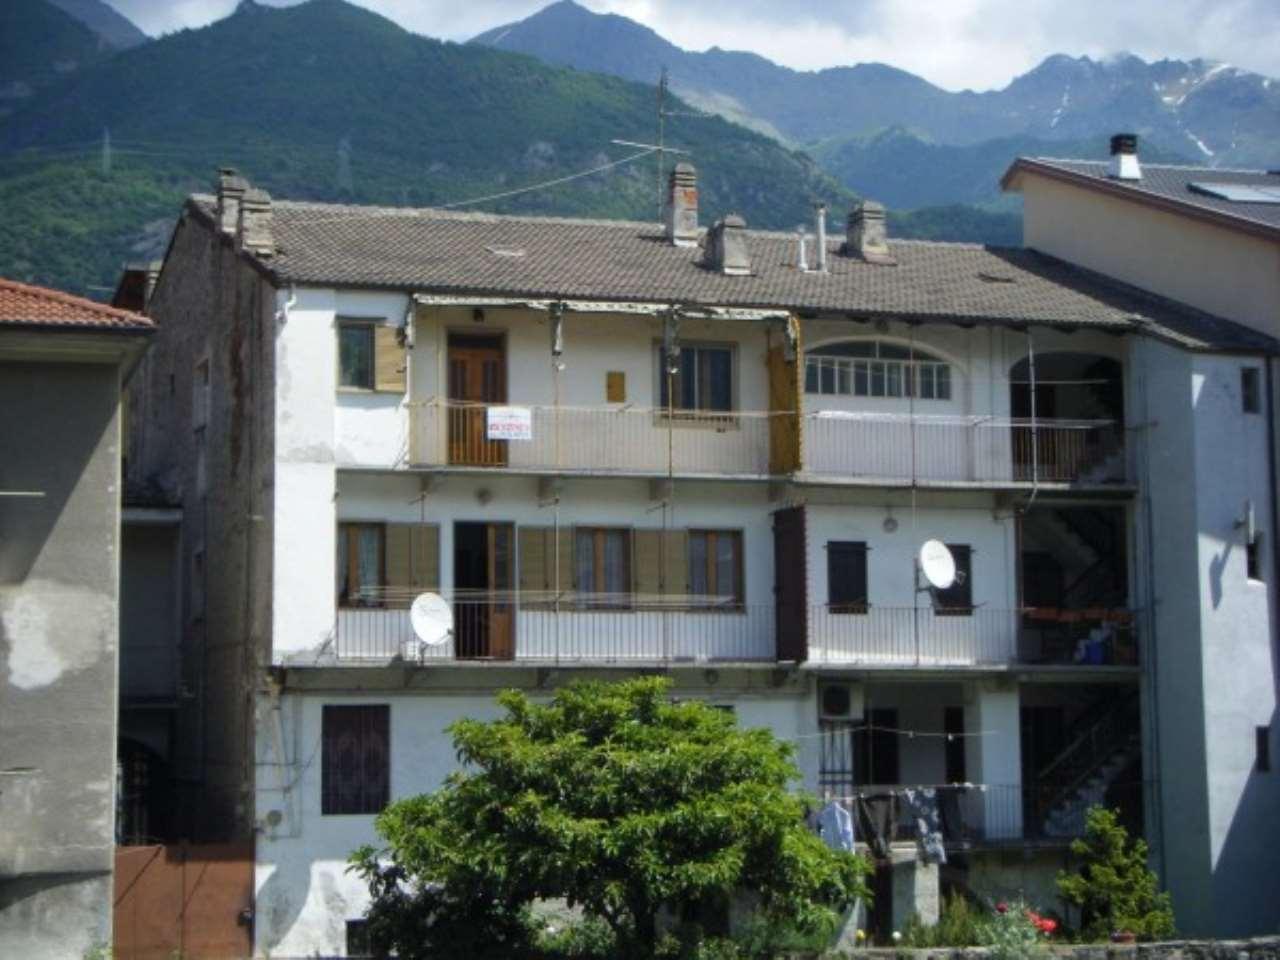 Appartamento in vendita a Bussoleno, 4 locali, prezzo € 50.000 | CambioCasa.it